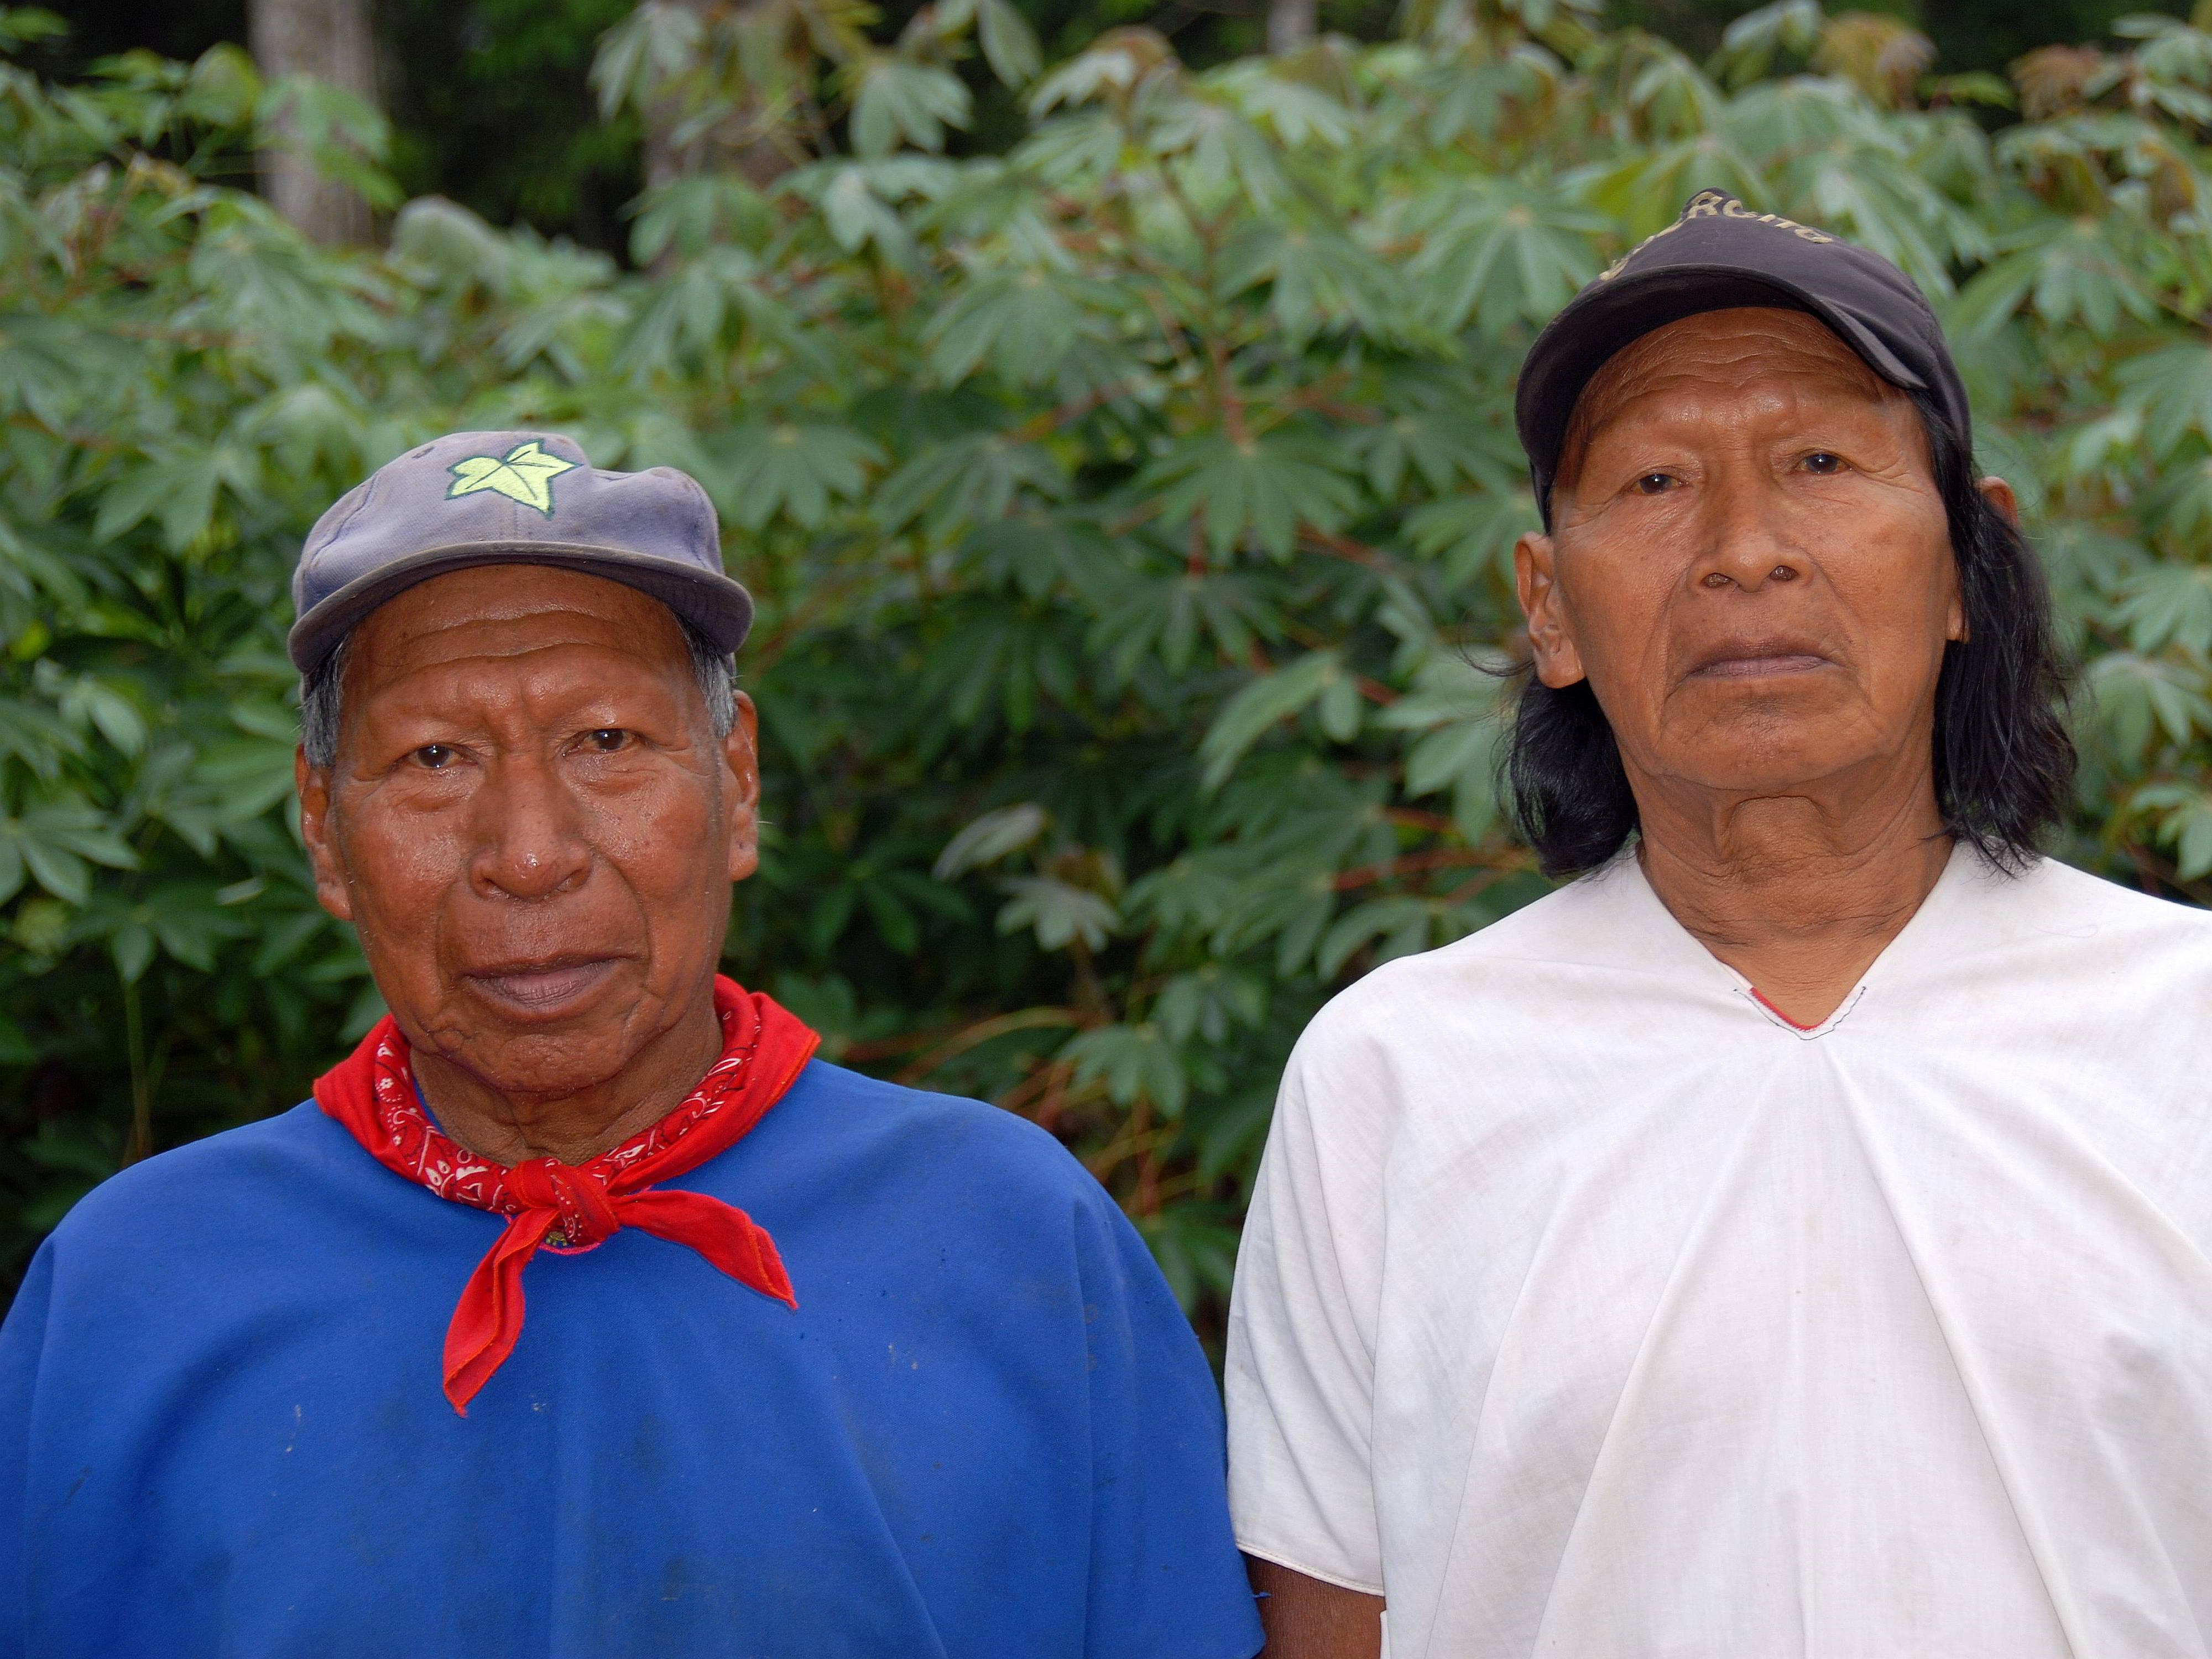 2f794228e60 ECUADOR ETHNIC GROUPS OF ECUADOR  Cofan men in traditional dress.